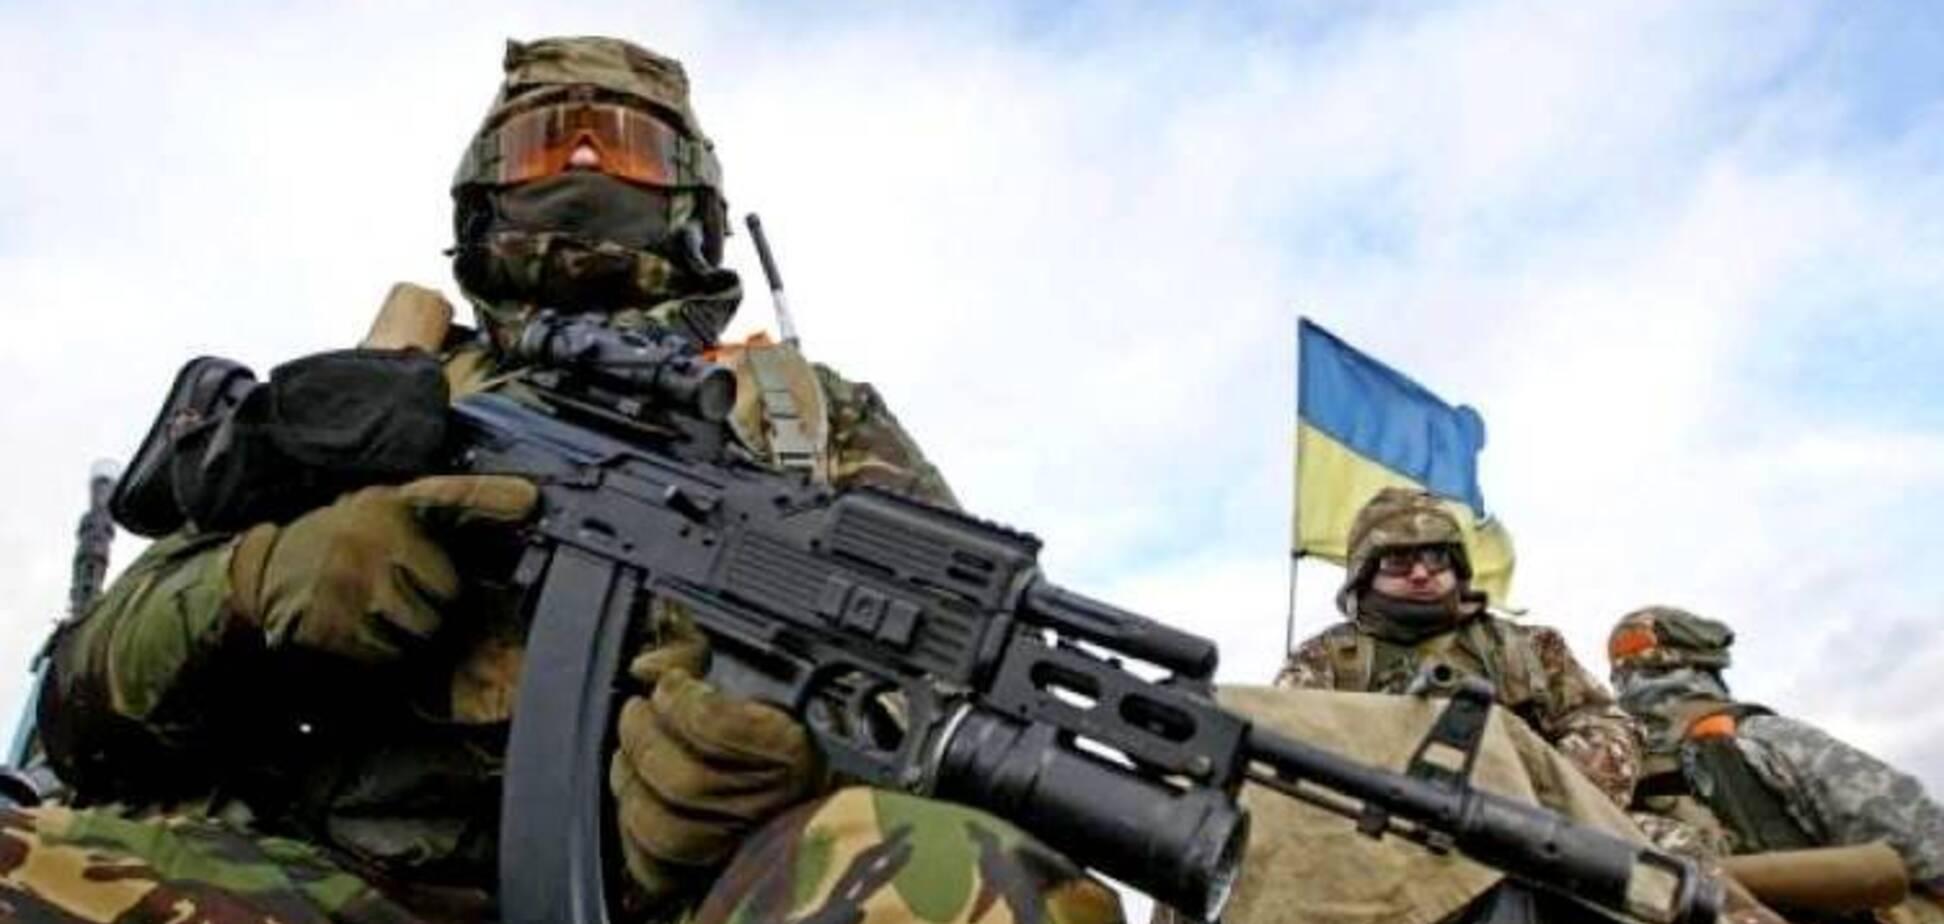 Шестеро мертвы: ВСУ устроили феерический 'разбор полетов' на Донбассе